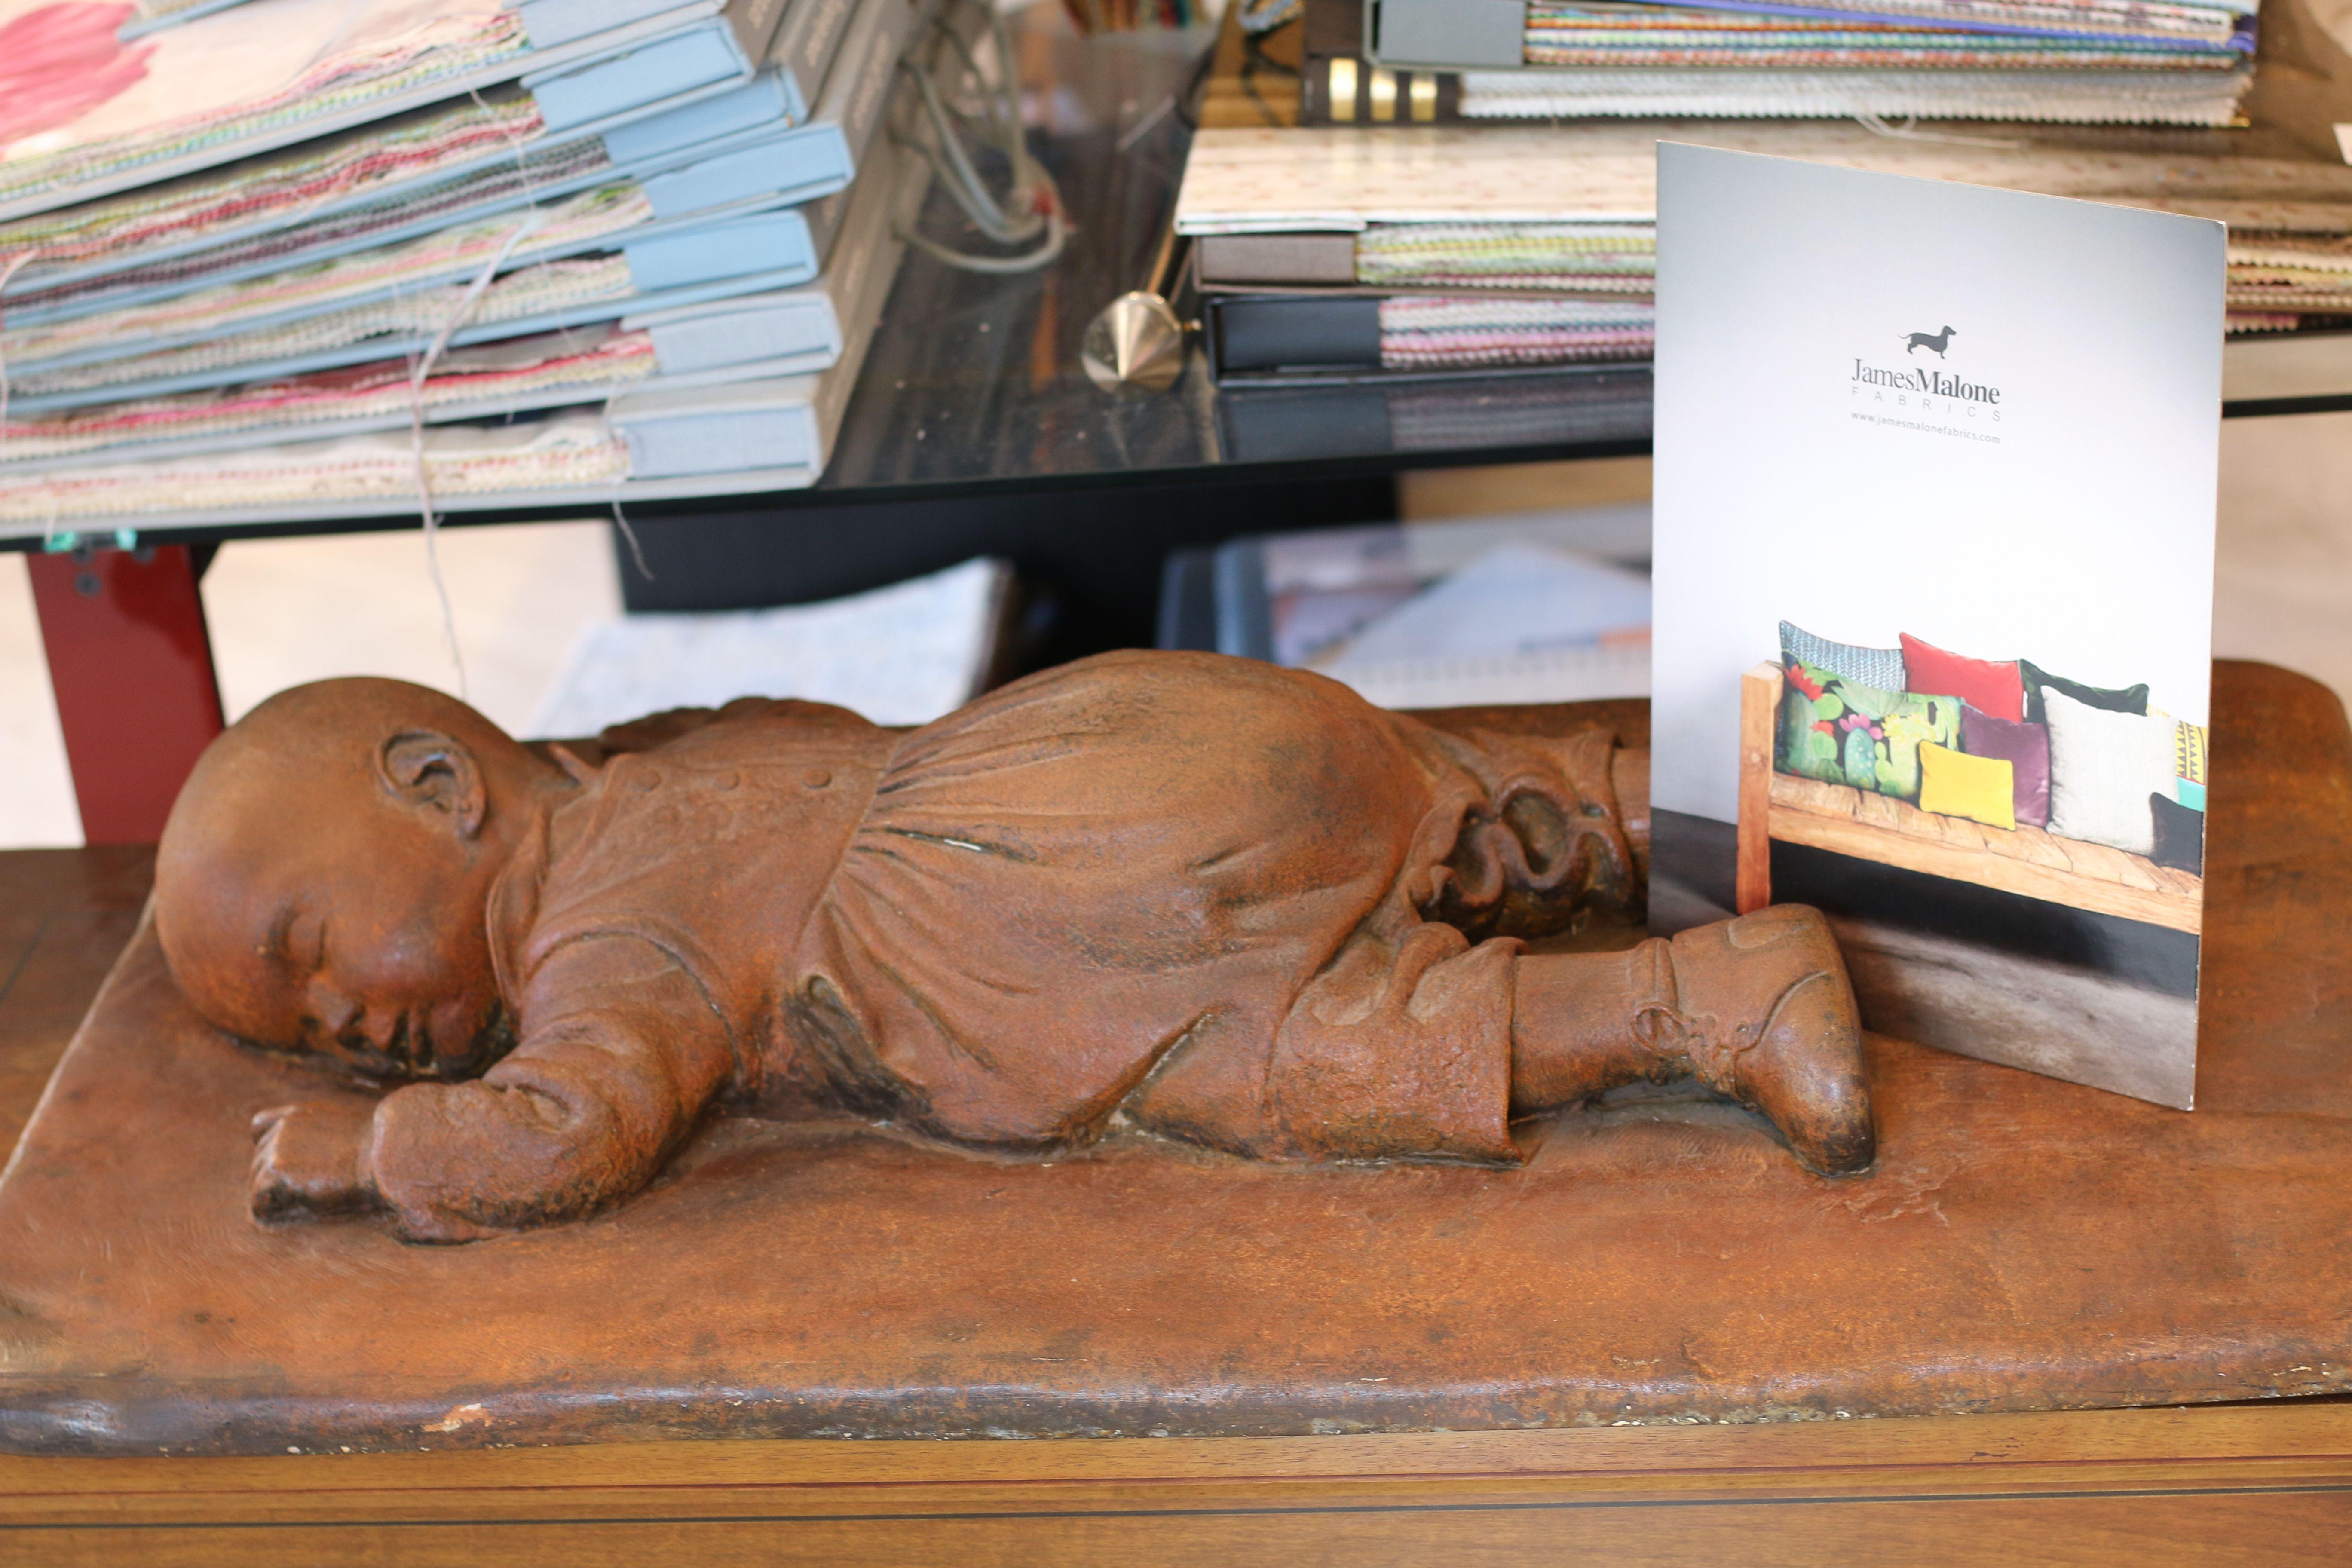 Tienda con objetos de decoración en Palma